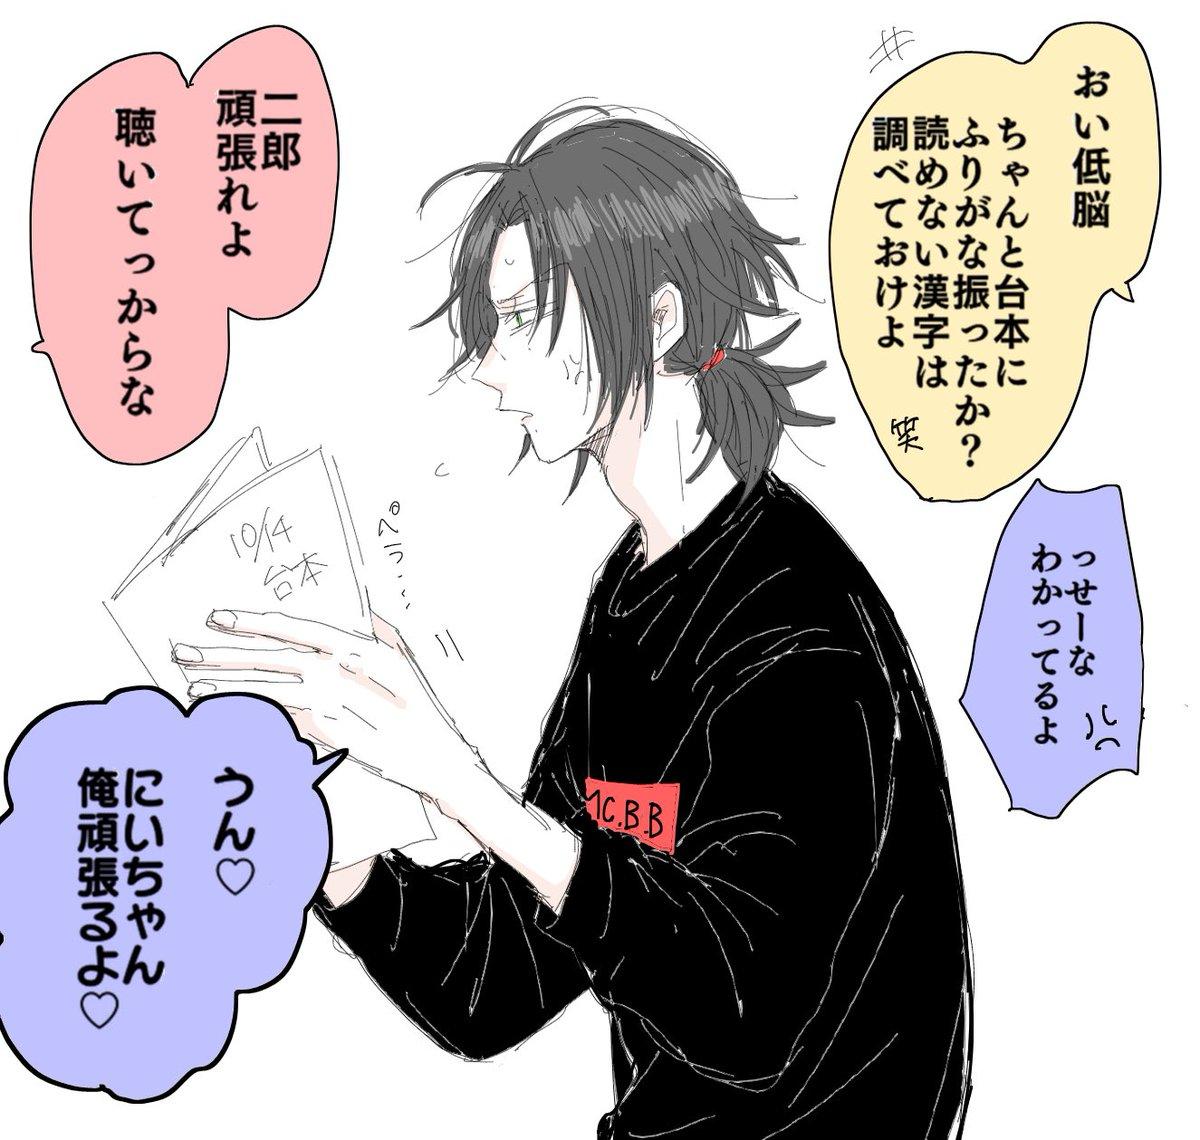 じろちゃん、がんばれ〜